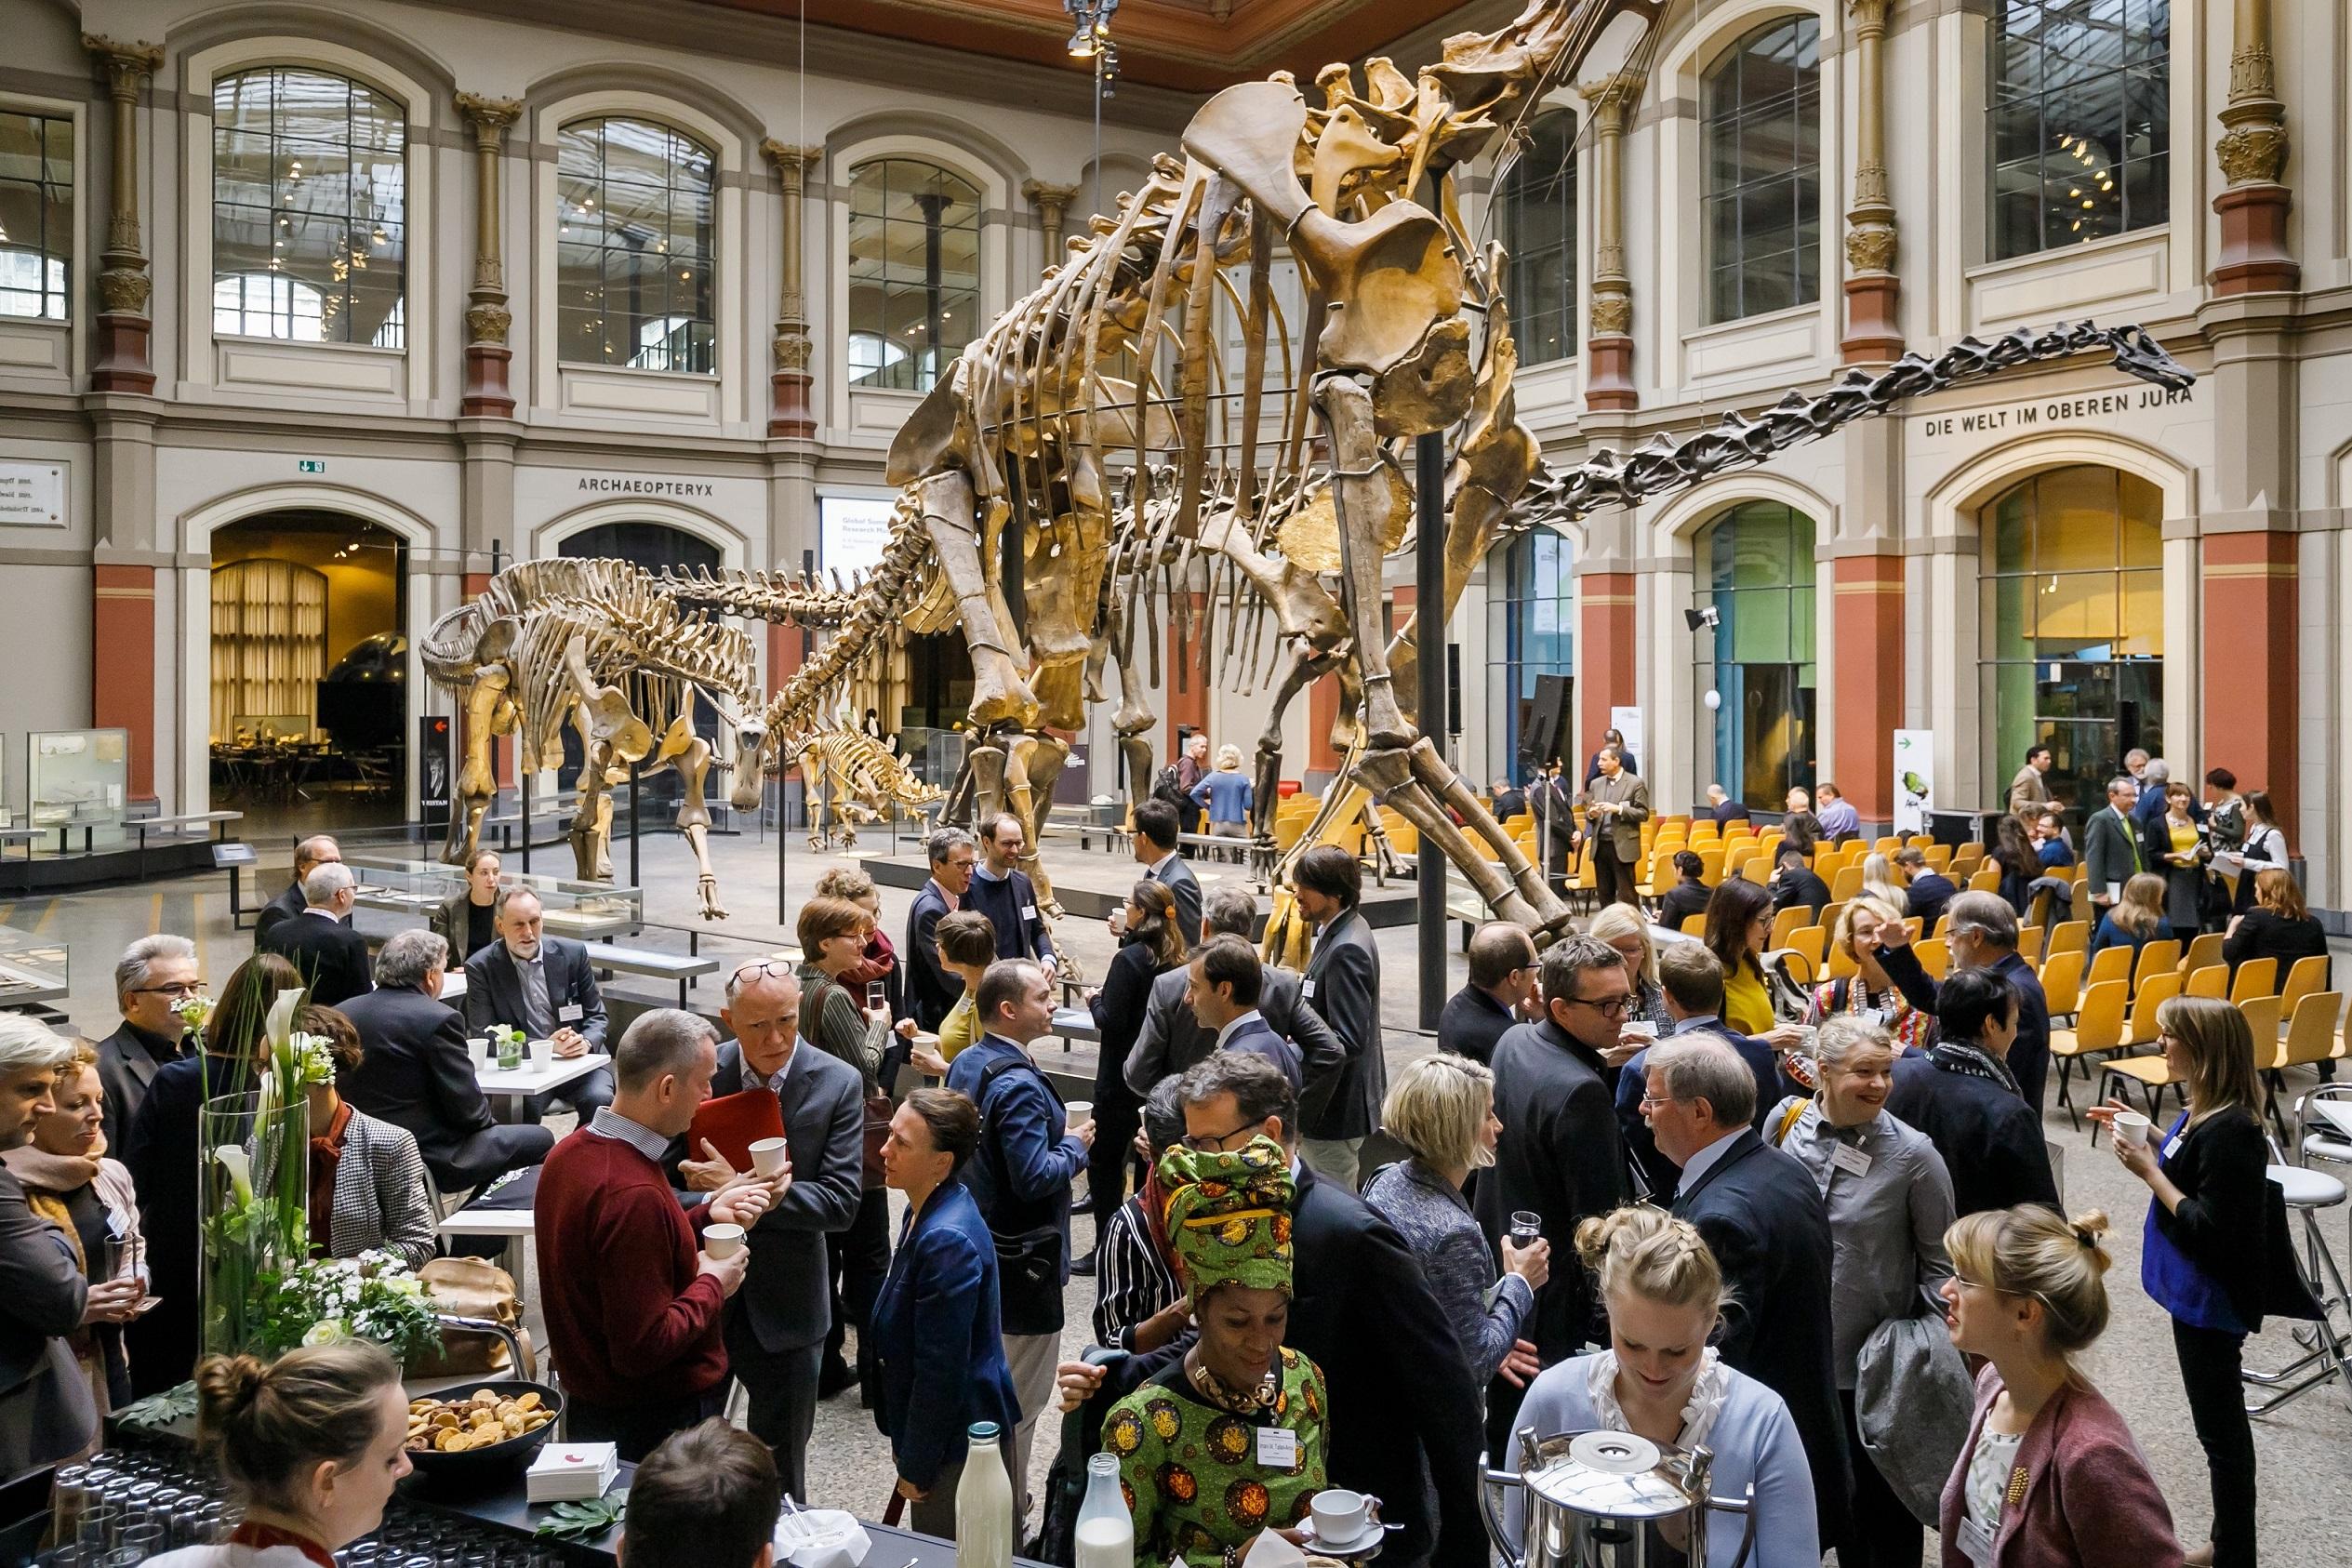 An der weltweit ersten Konferenz von Forschungsmuseen haben vom 4. bis zum 6. November 2018 insgesamt 232 Museumsvertreterinnen und -vertreter von 109 Einrichtungen aus insgesamt 24 Ländern teilgenommen.